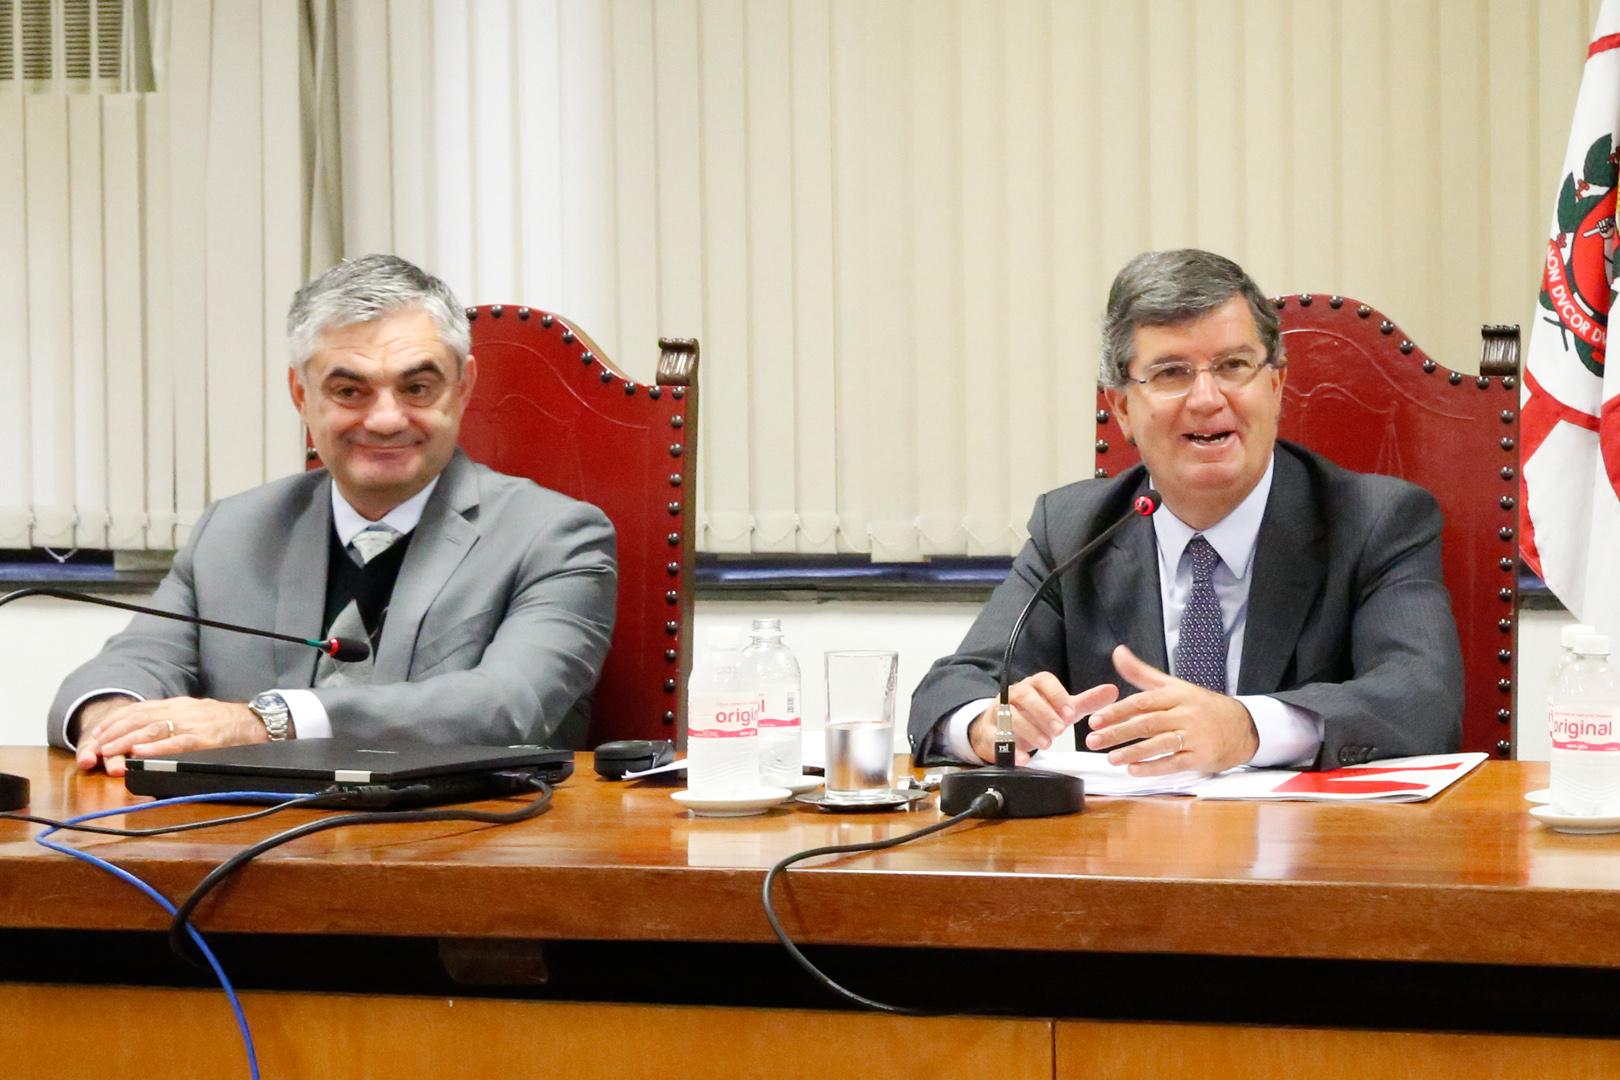 EPM inicia curso de especialização em Direito Notarial e Registral Imobiliário na Capital e em São José dos Campos